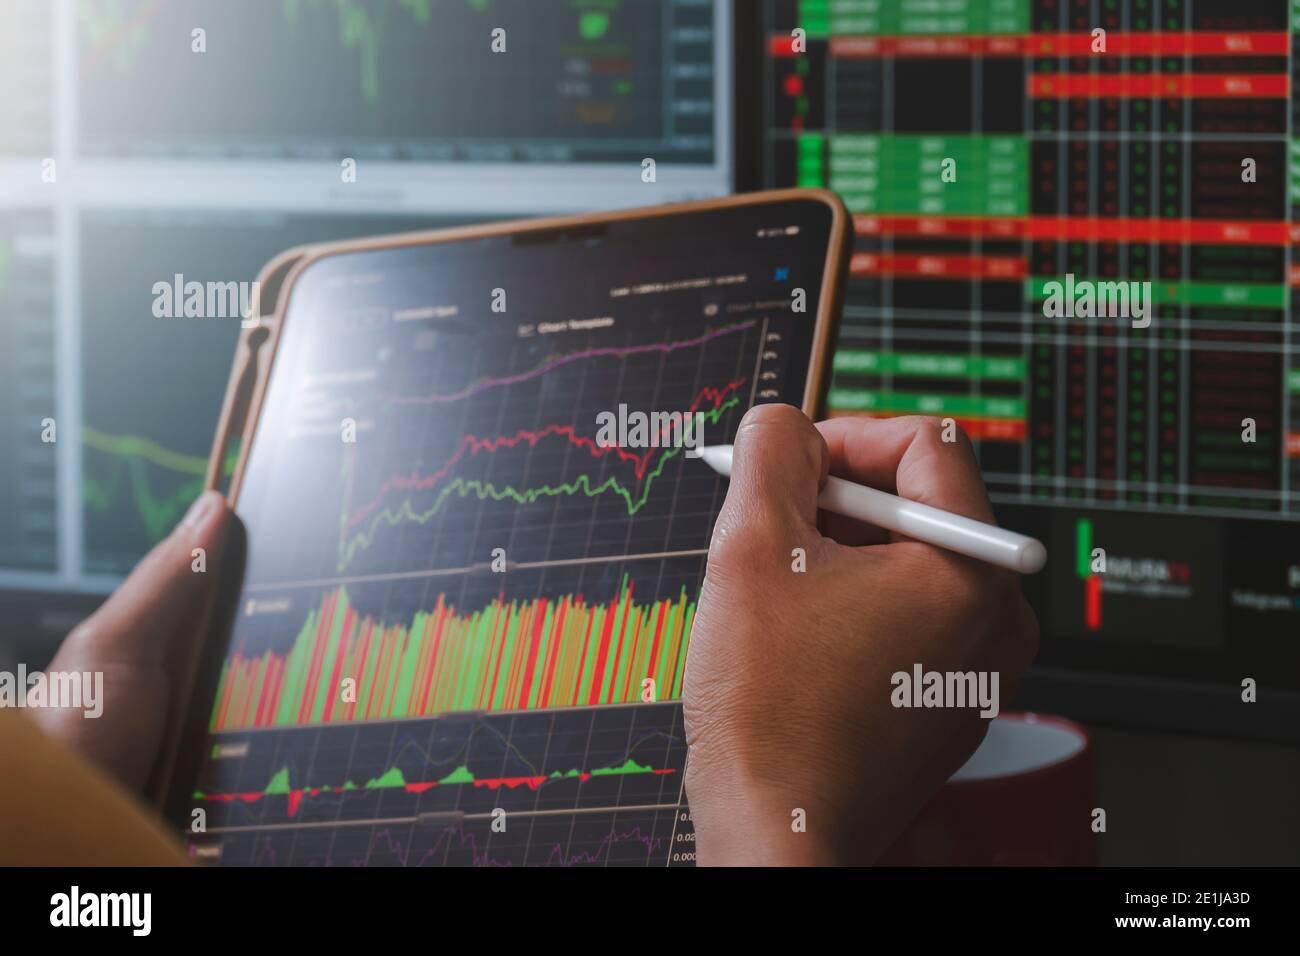 Análisis de la mano de obra forex concurrency gráfico mercado de valores para negociar la divisa para beneficiarse por orden vender o comprar en la noche en inicio Foto de stock